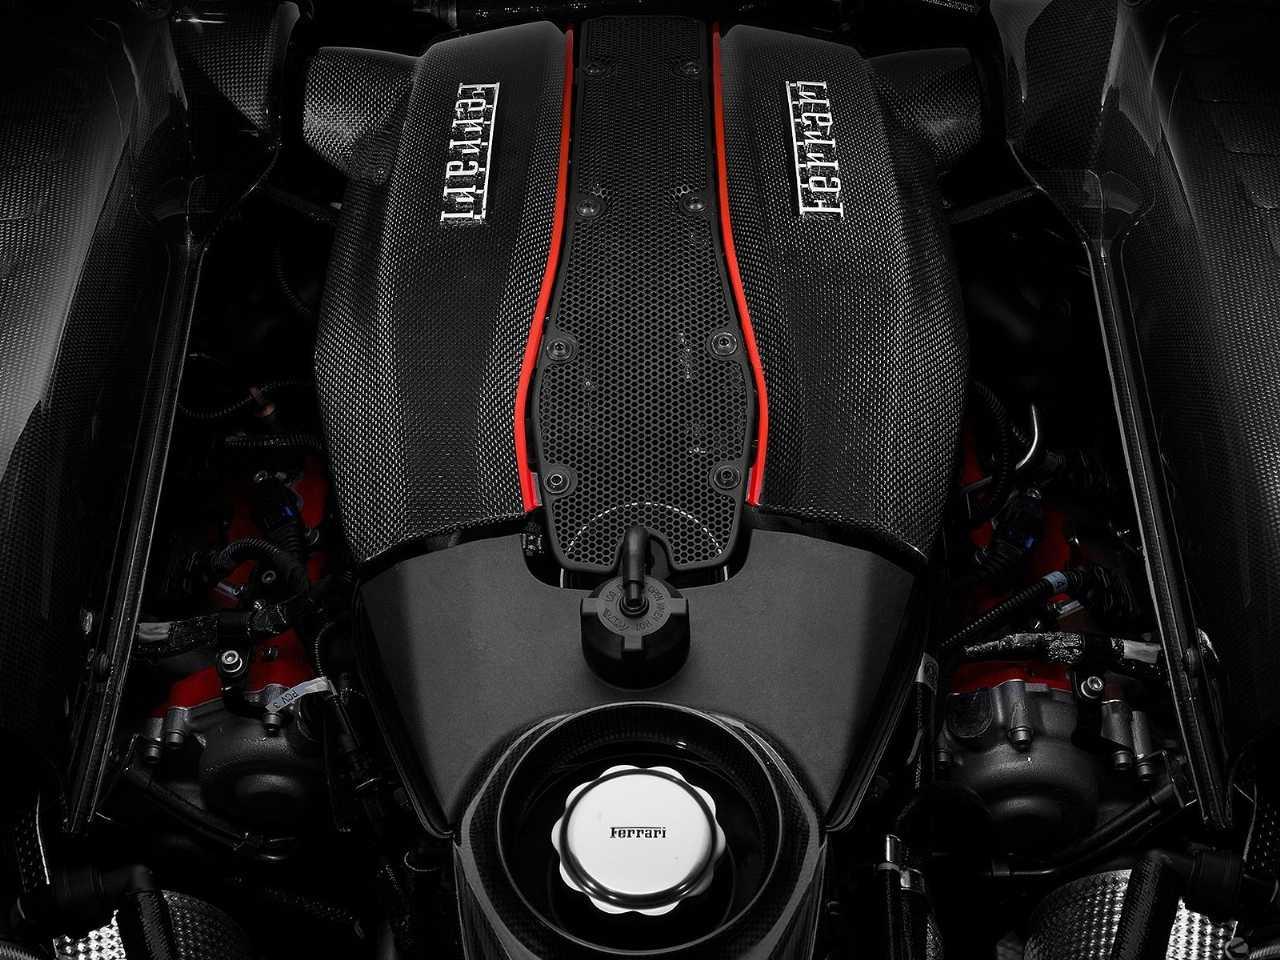 Acima o 3.9 V8 biturbo da Ferrari, eleito pela quarta vez como o melhor motor do mundo